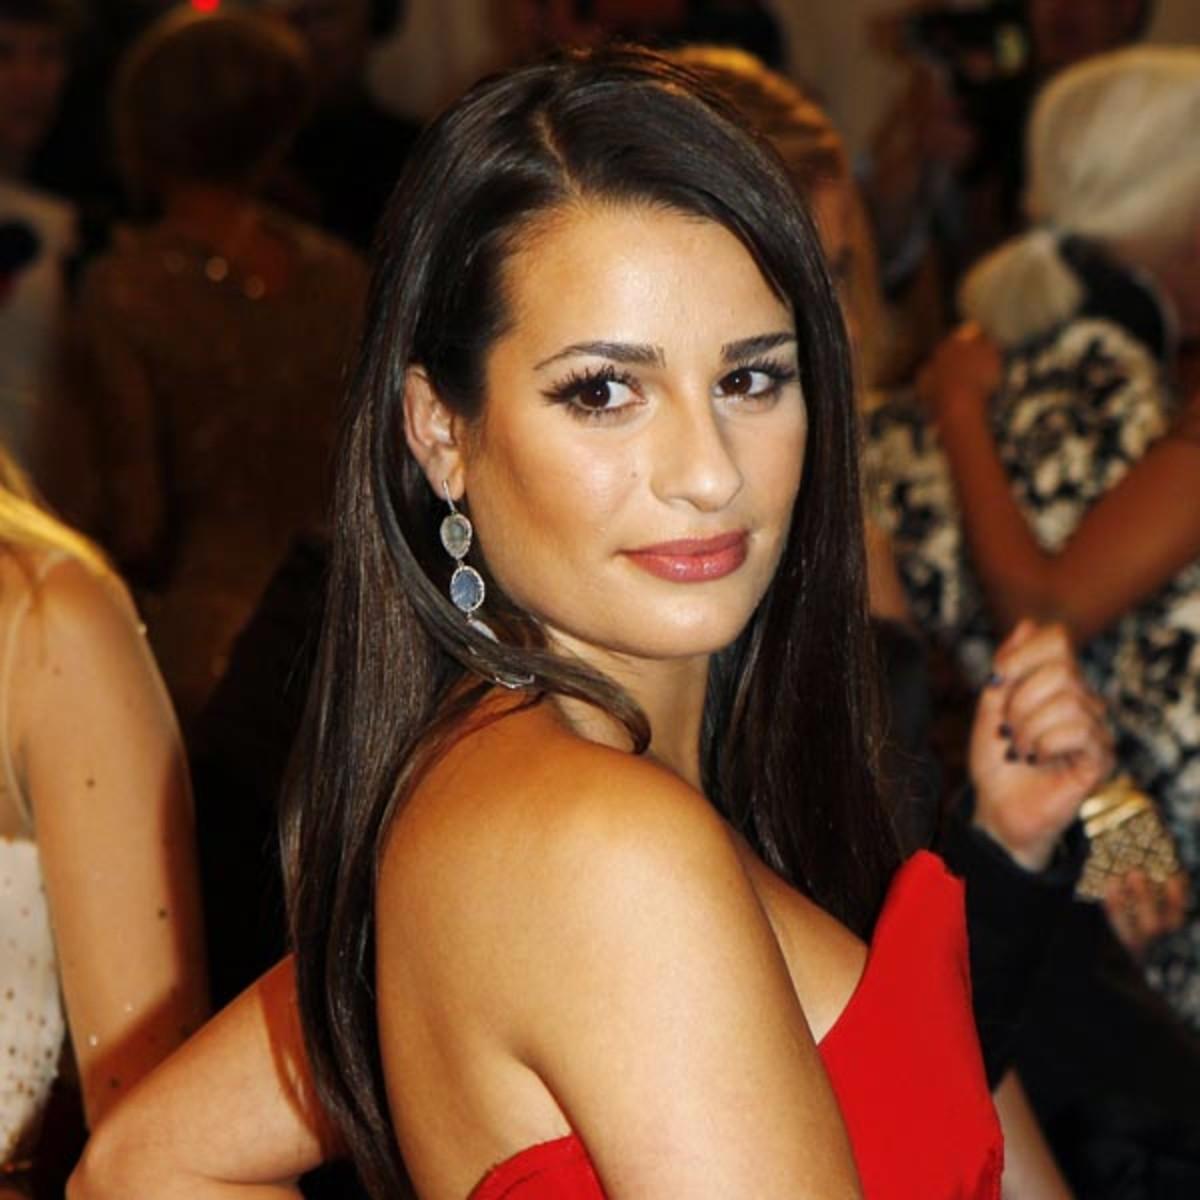 Met-Ball-2011-Lea-Michele